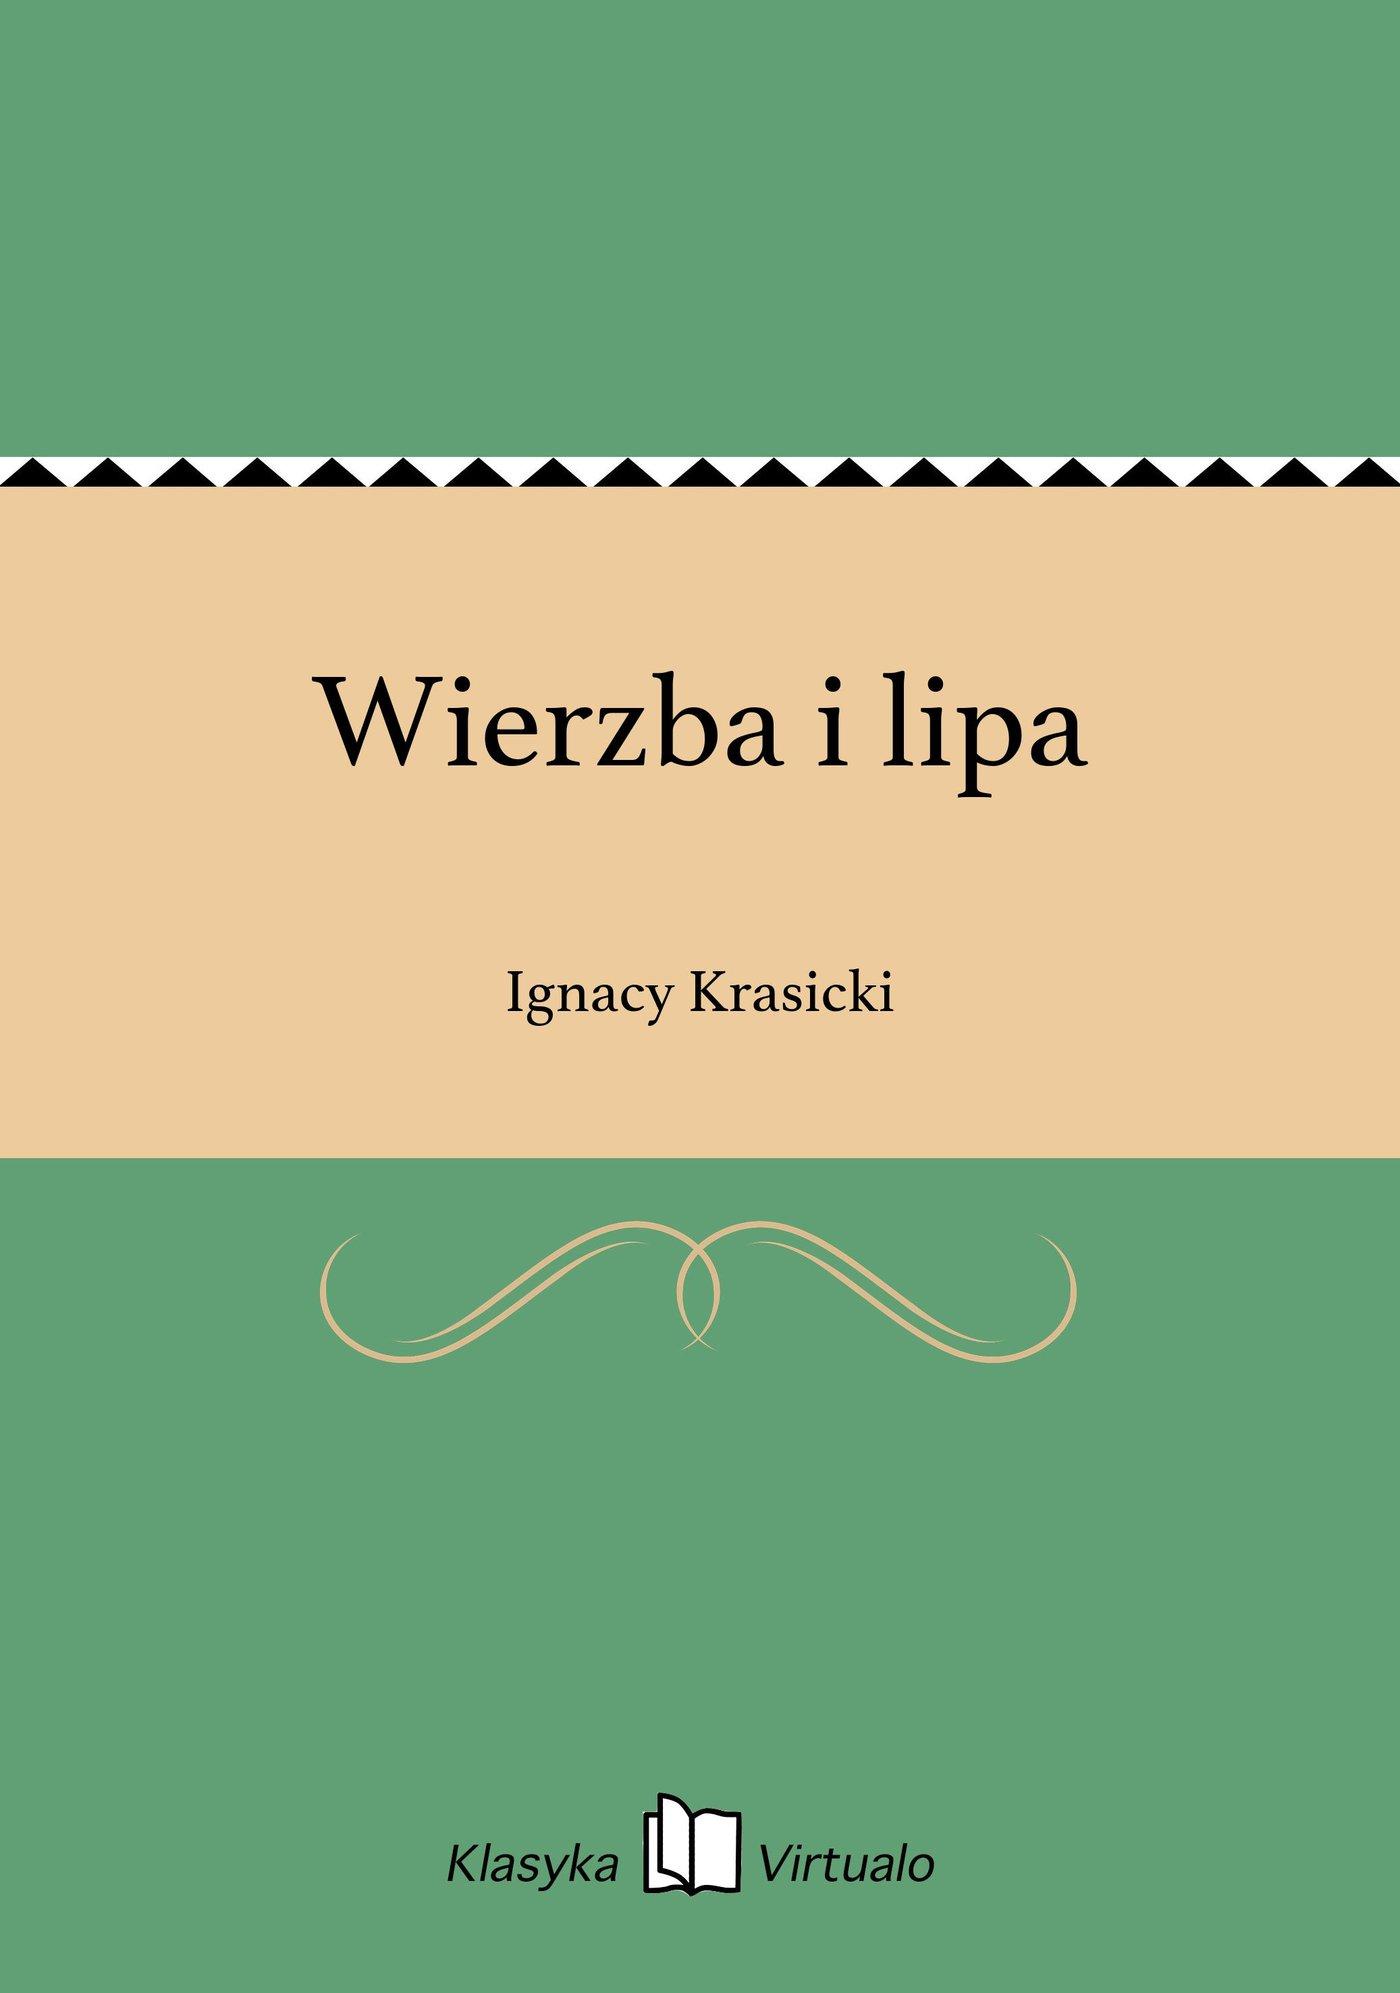 Wierzba i lipa - Ebook (Książka na Kindle) do pobrania w formacie MOBI